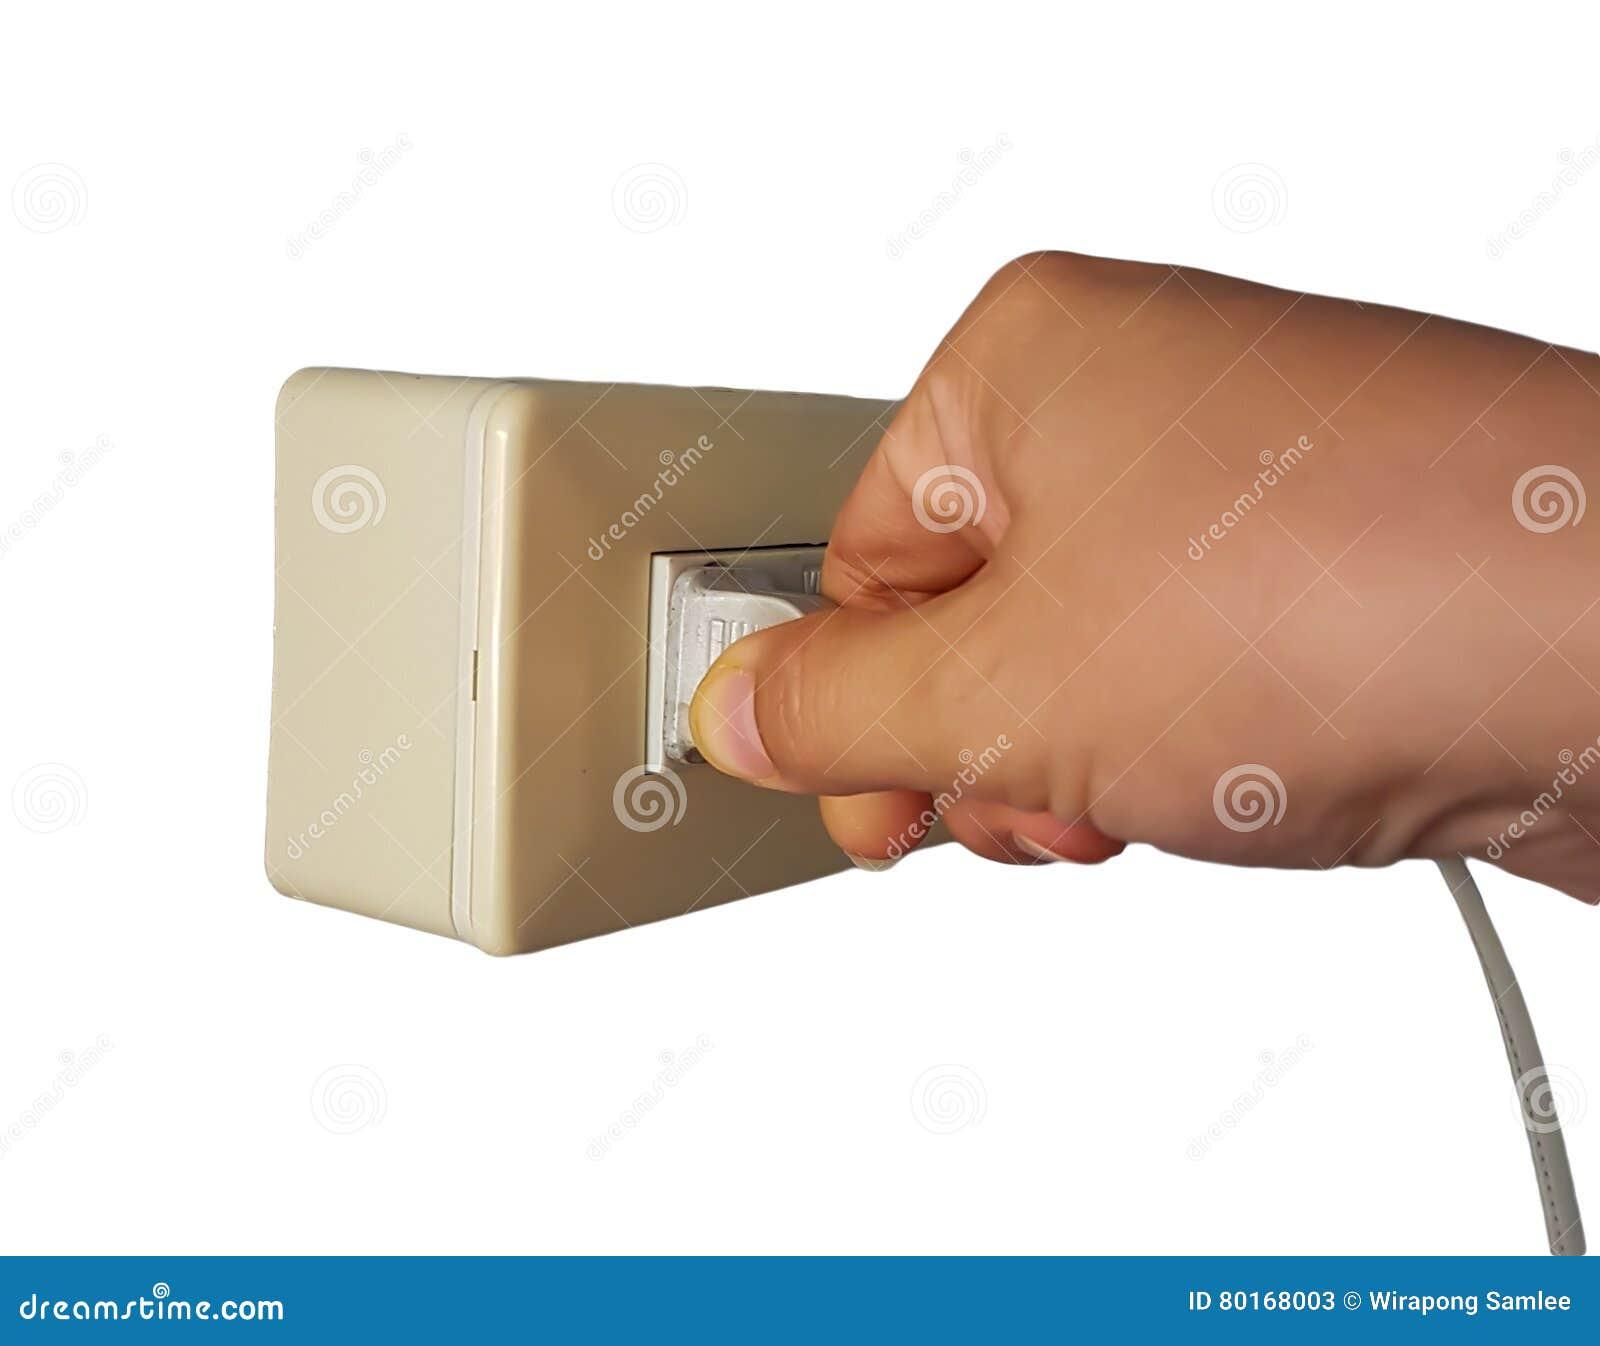 Plugged in or Unplug electric plug.